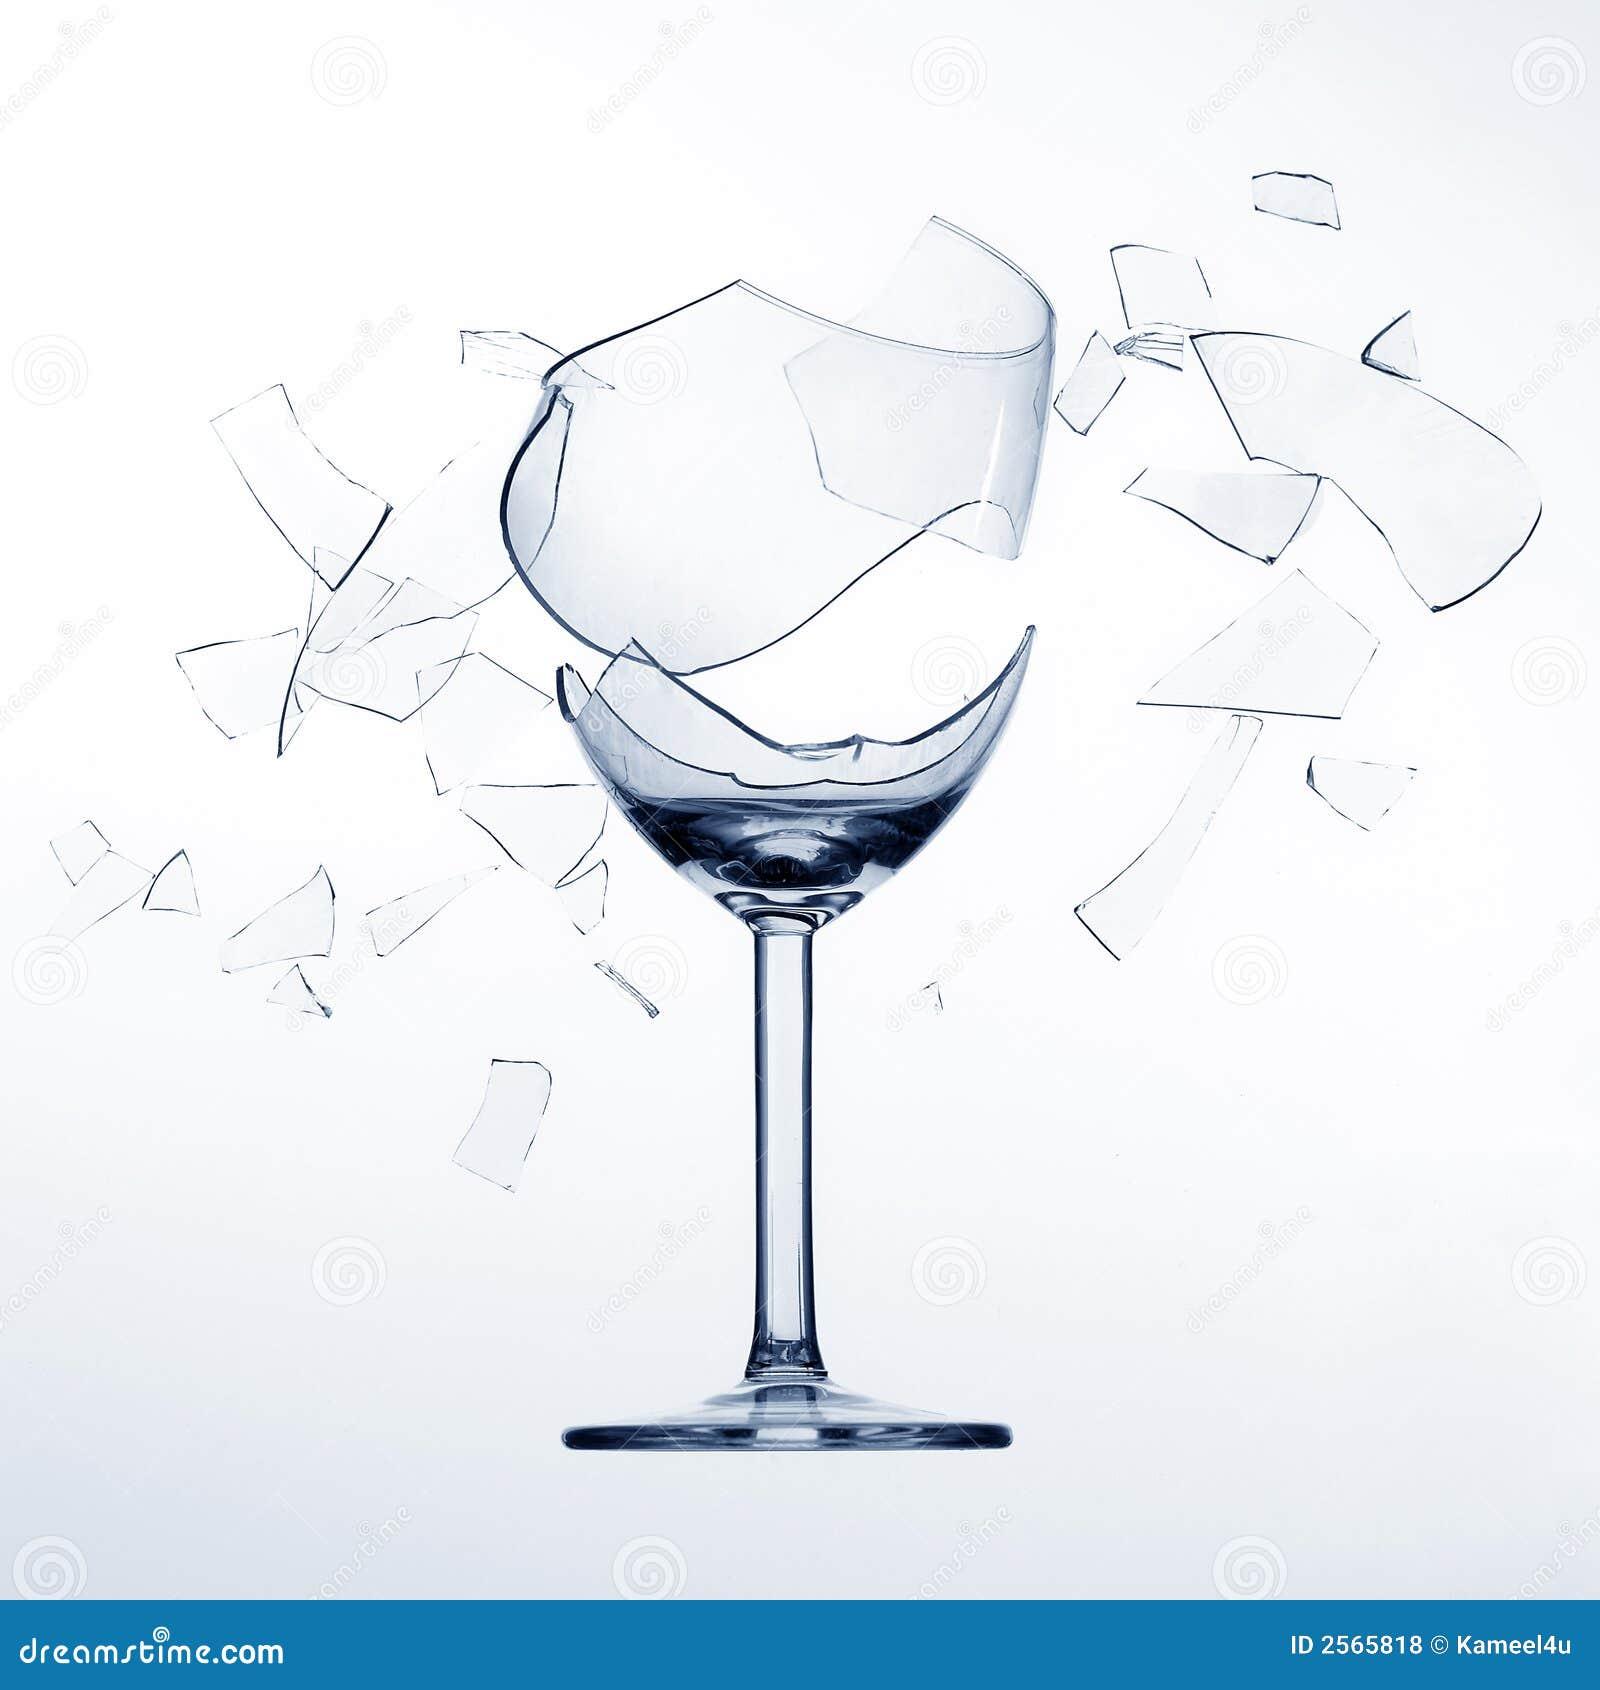 Zersplitterung des Weinglases